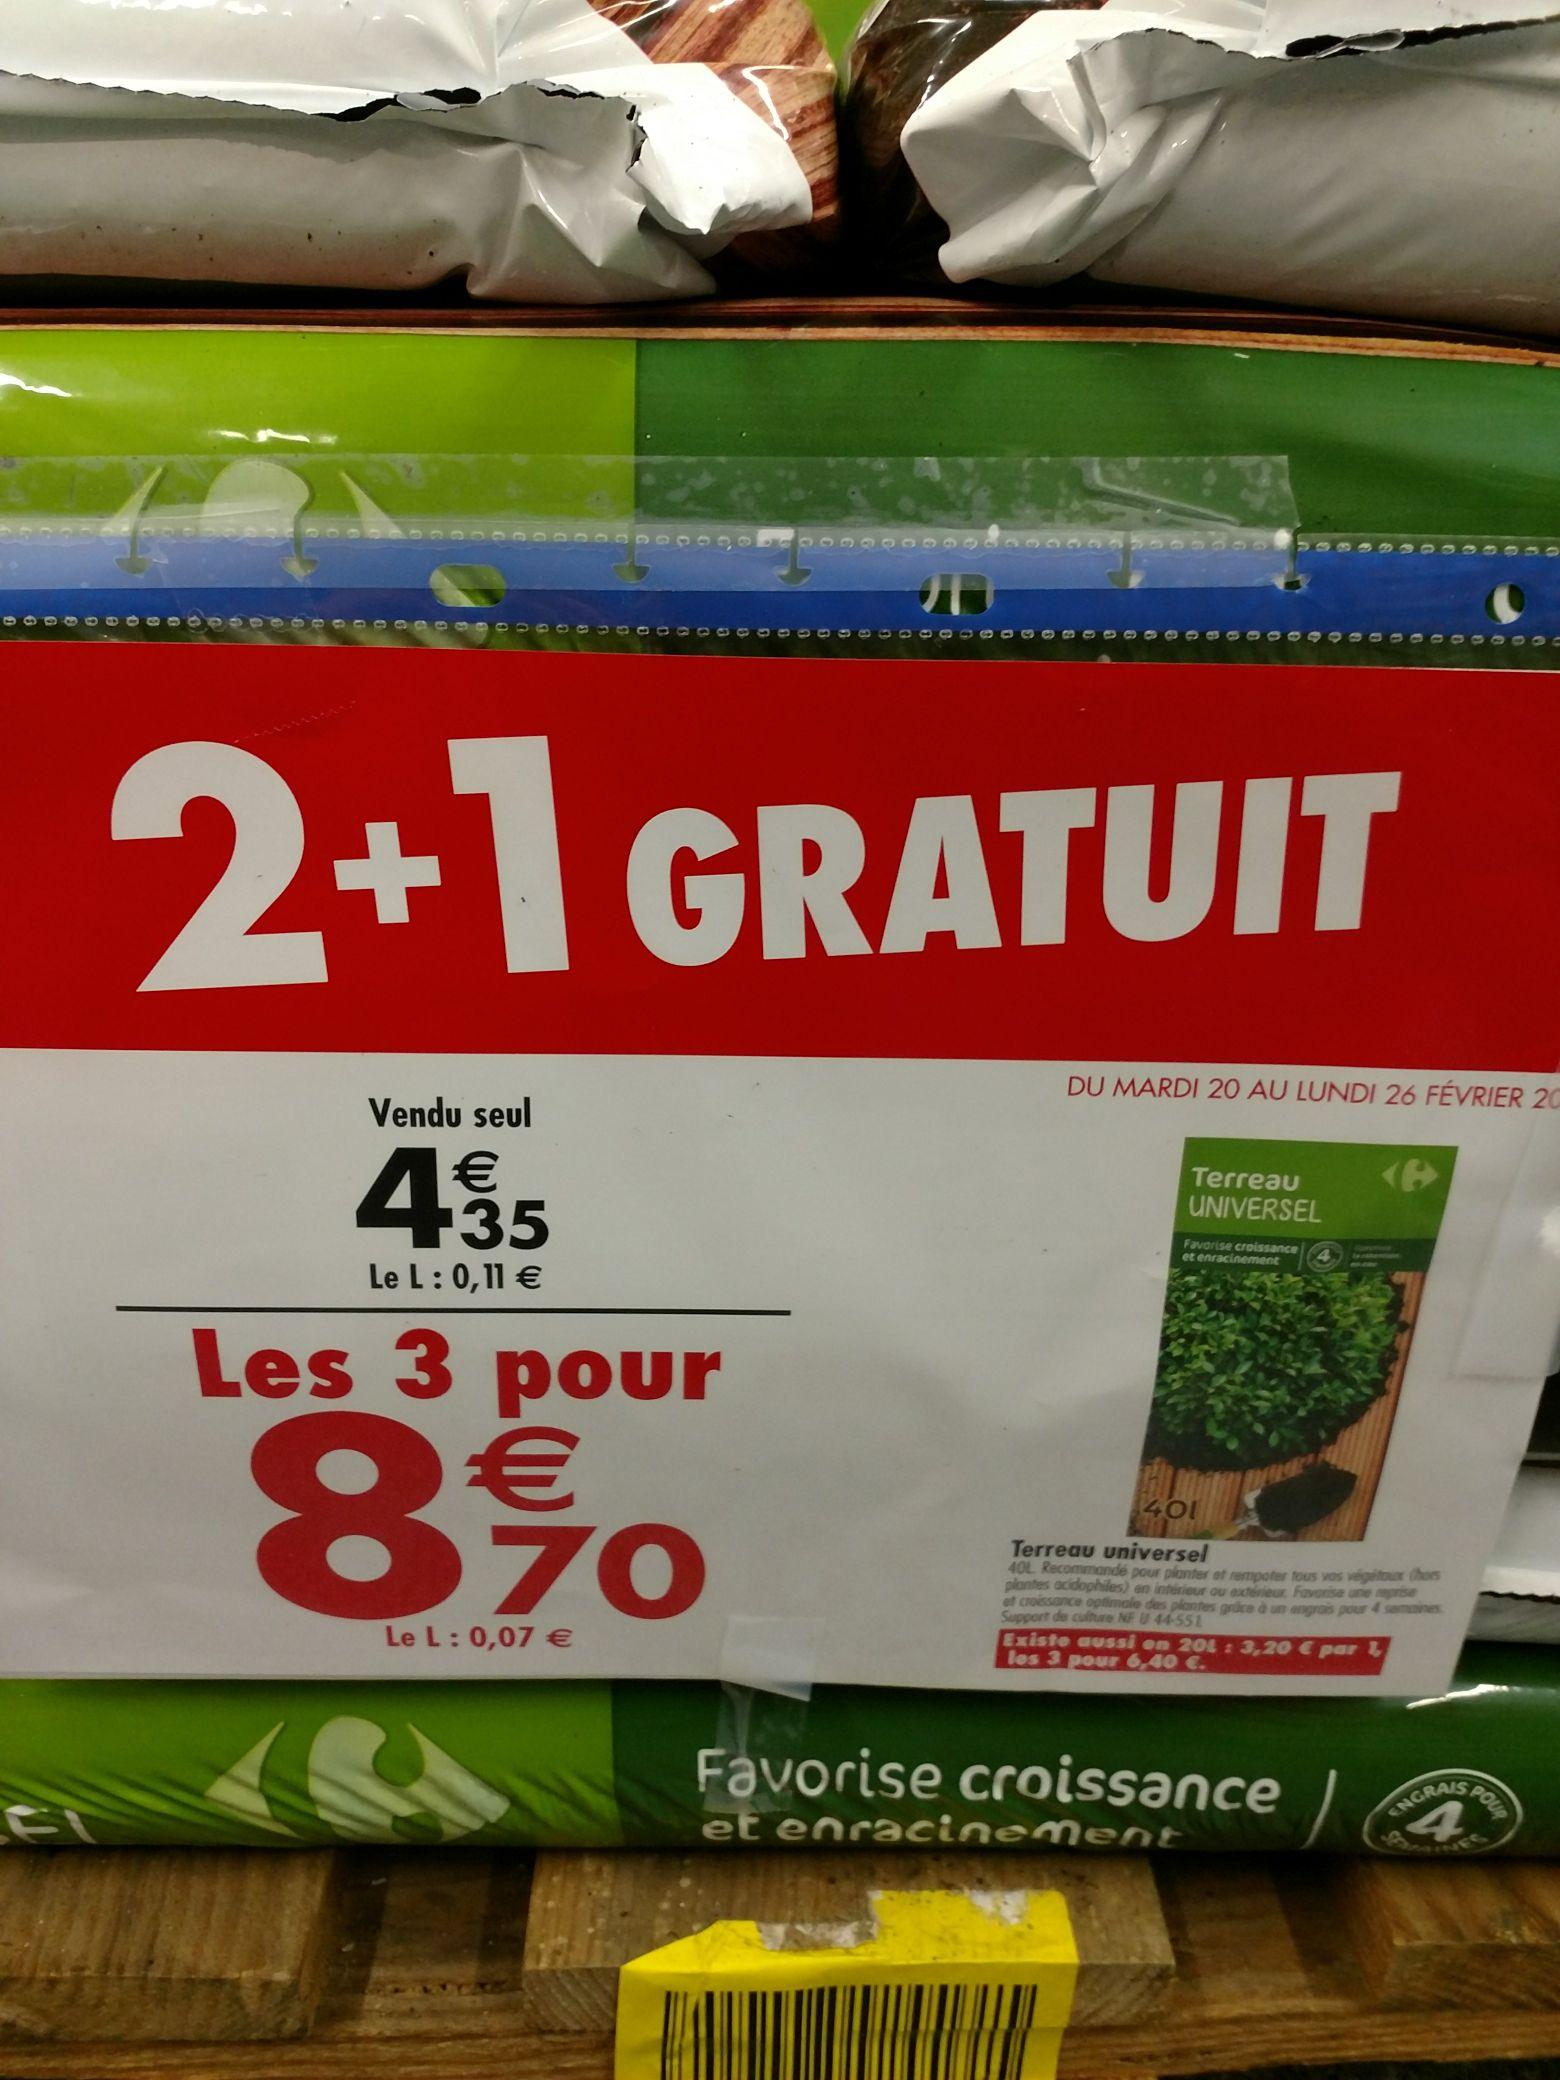 3 Sacs de Terreau universel 40L - Carrefour Créteil soleil (94)